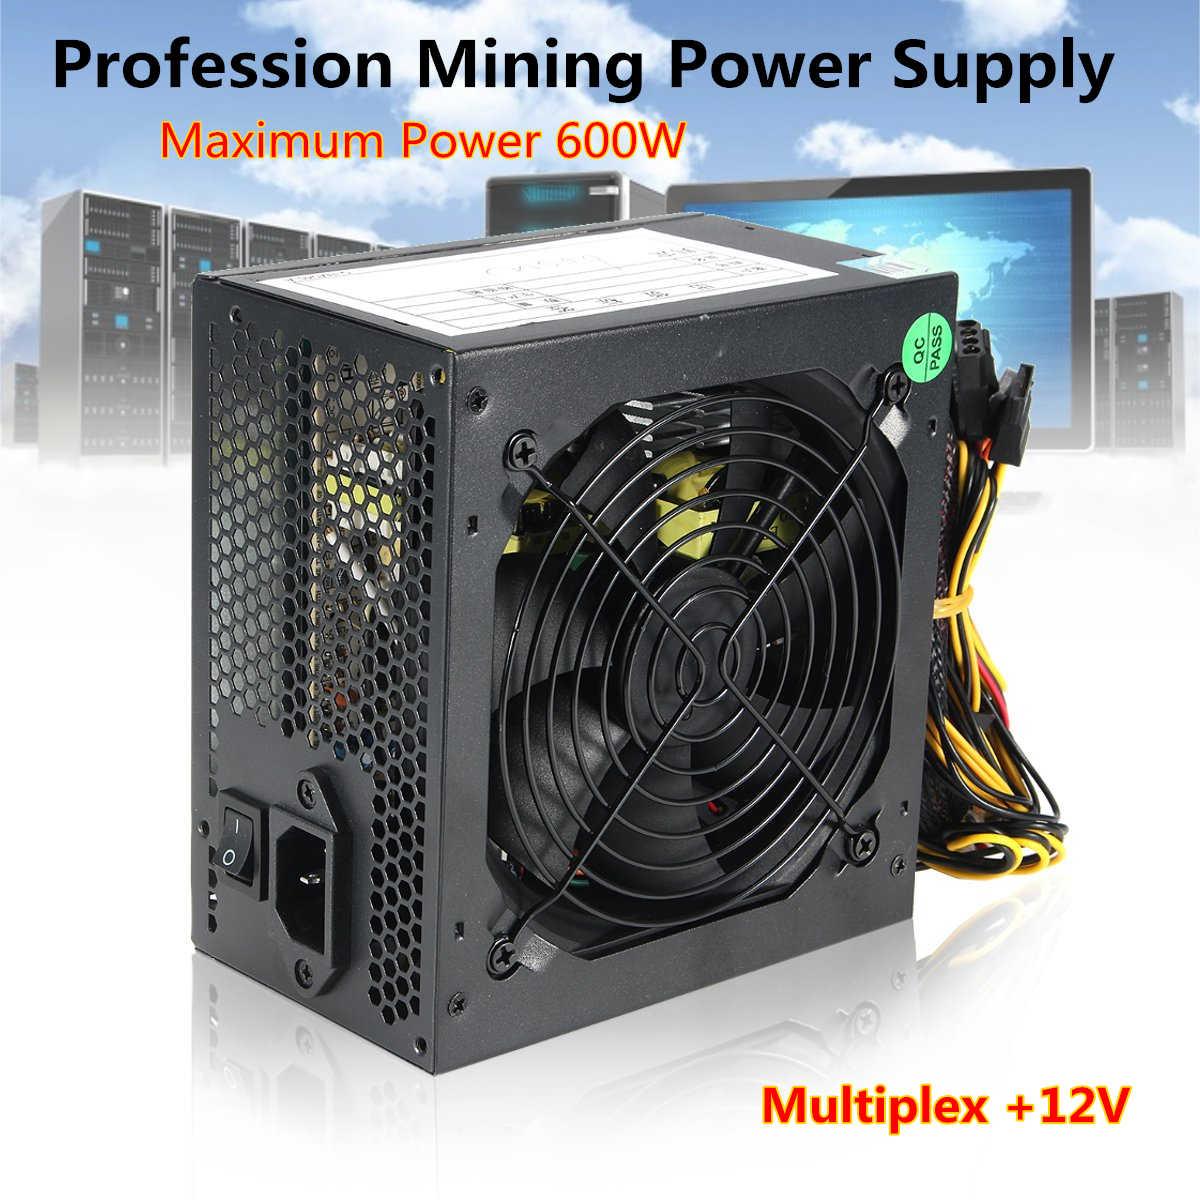 600W cichy wentylator 120mm ATX 12V 4/8-pin moc PC zasilanie modułowy SLI podświetlany wentylator do wysokiej klasy komputerykonfiguracja PC